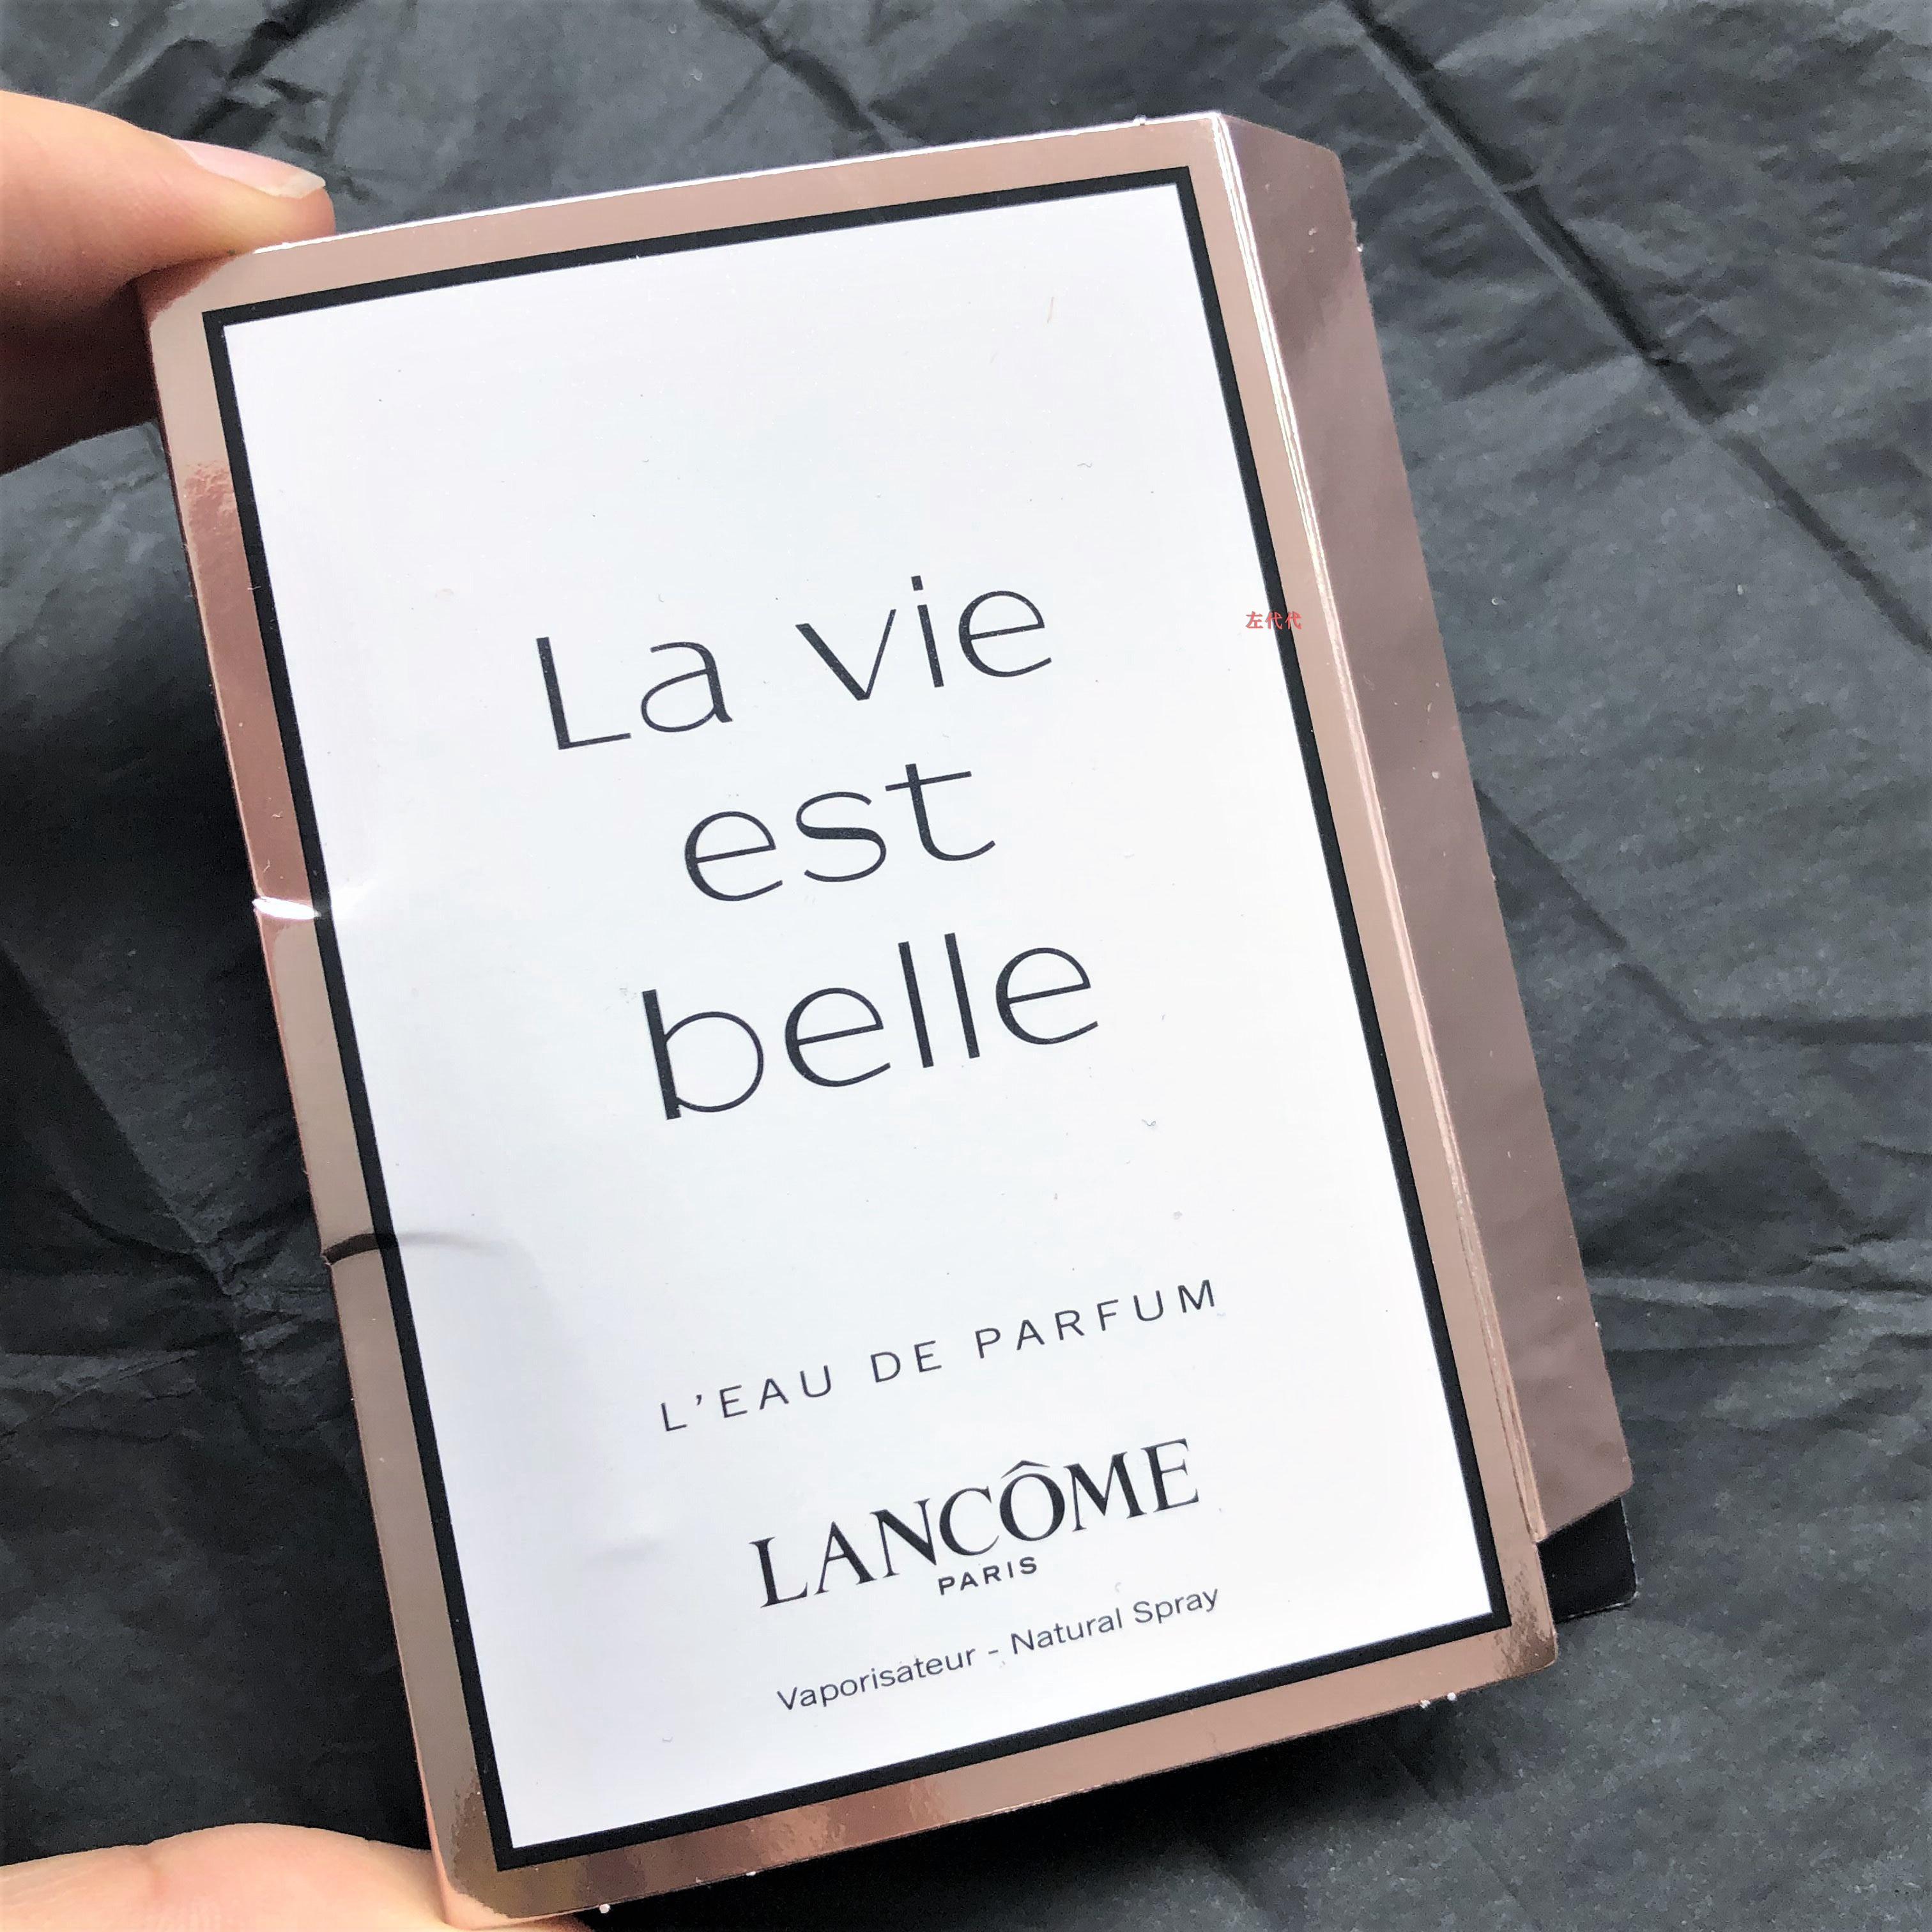 美购现货 Lancome兰蔻 la vie est belle美丽人生香水1.2ml带喷头